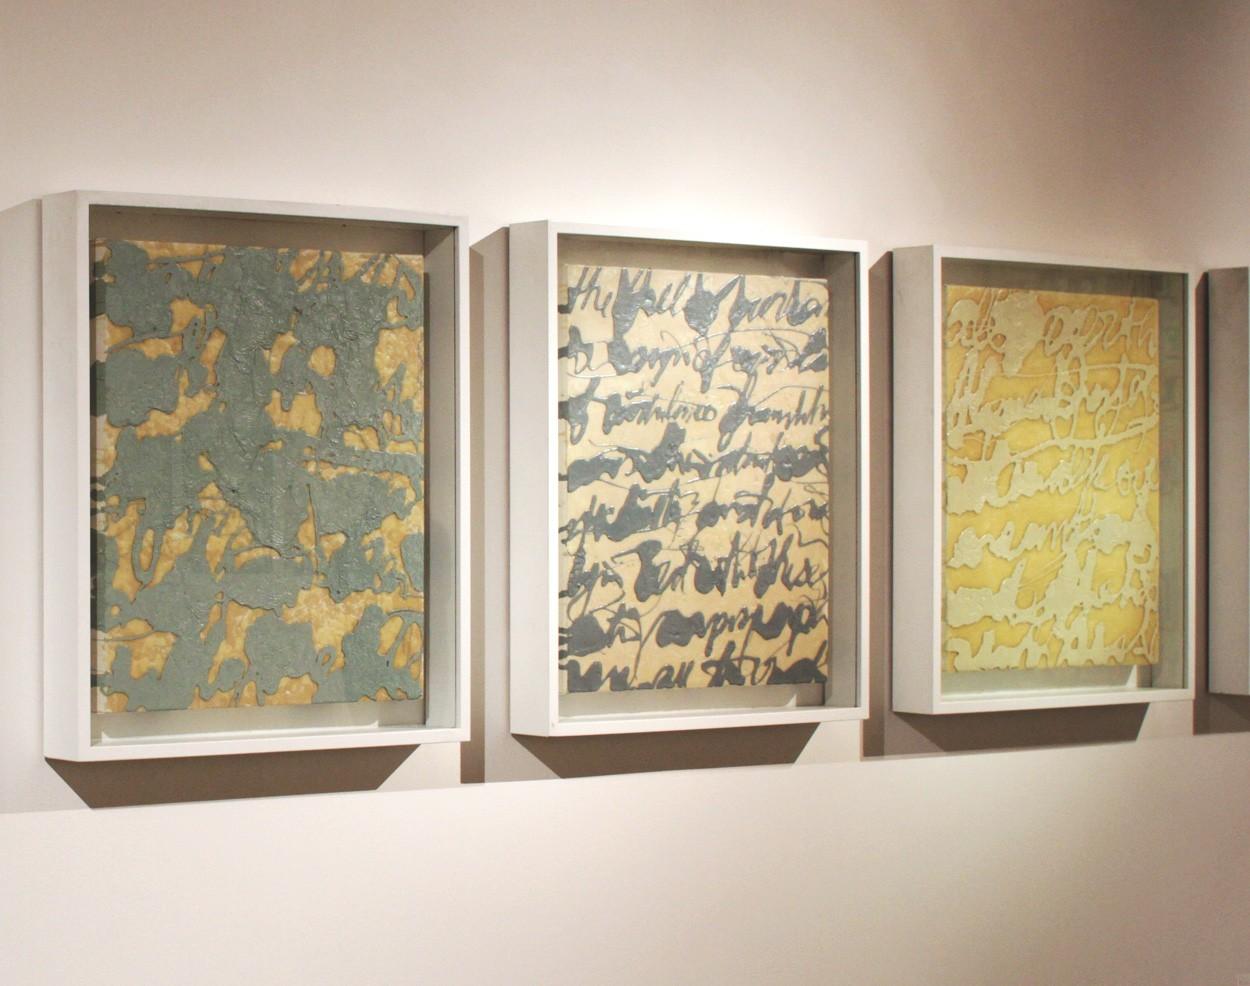 Malerei Befehlen und Erobern #7, gerahmt | Ausstellung PROPAGANDA | Künstler Marek Schovanek